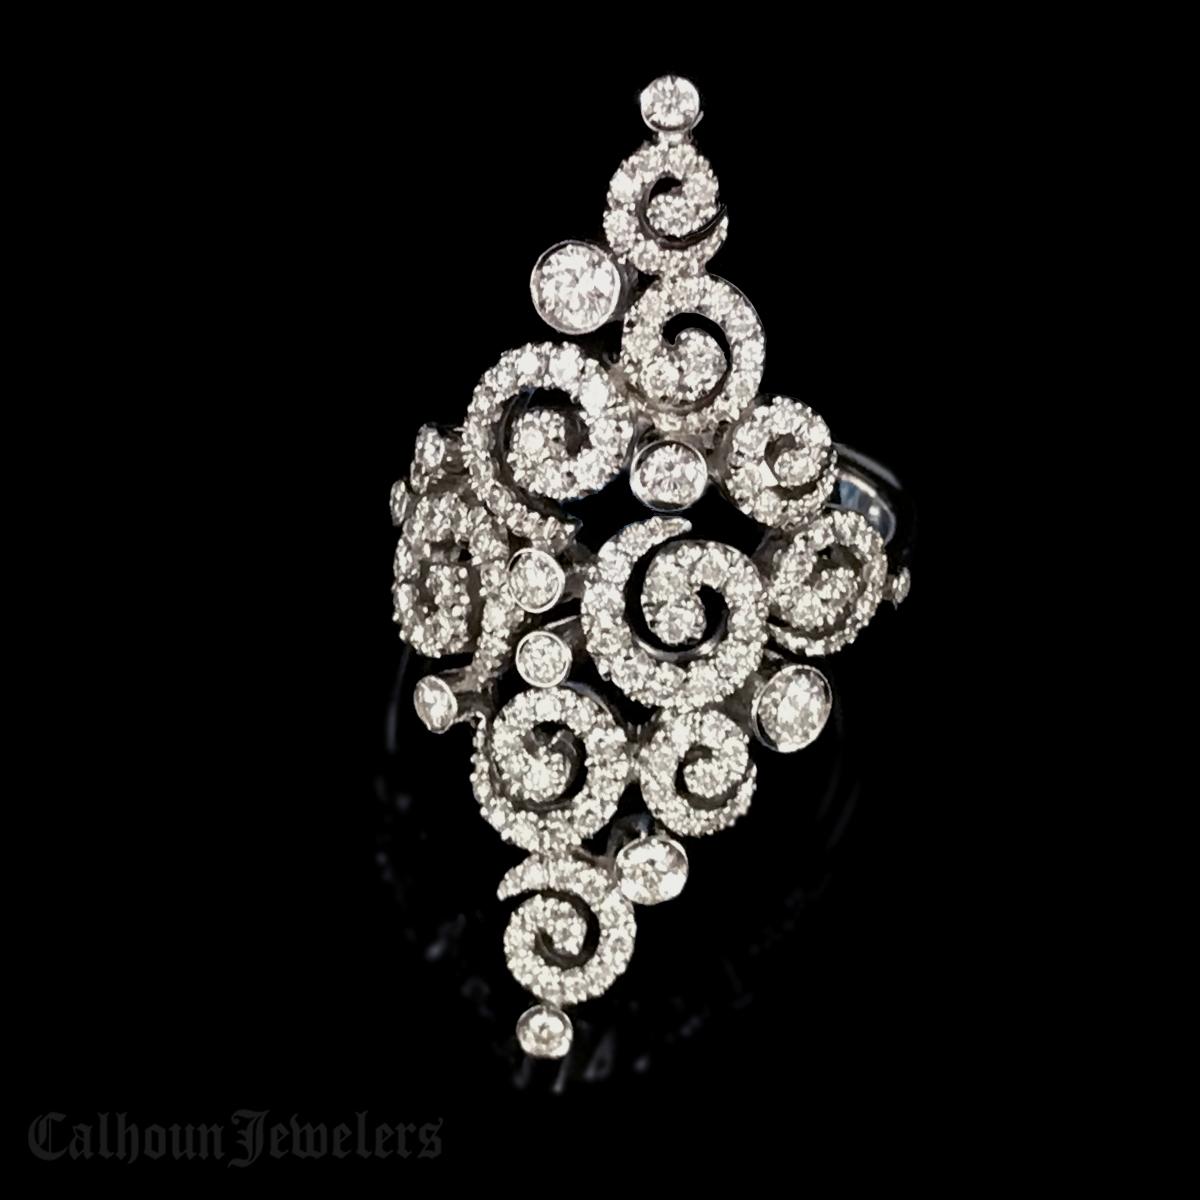 Stefan Hafner Astrakhan Diamond Ring